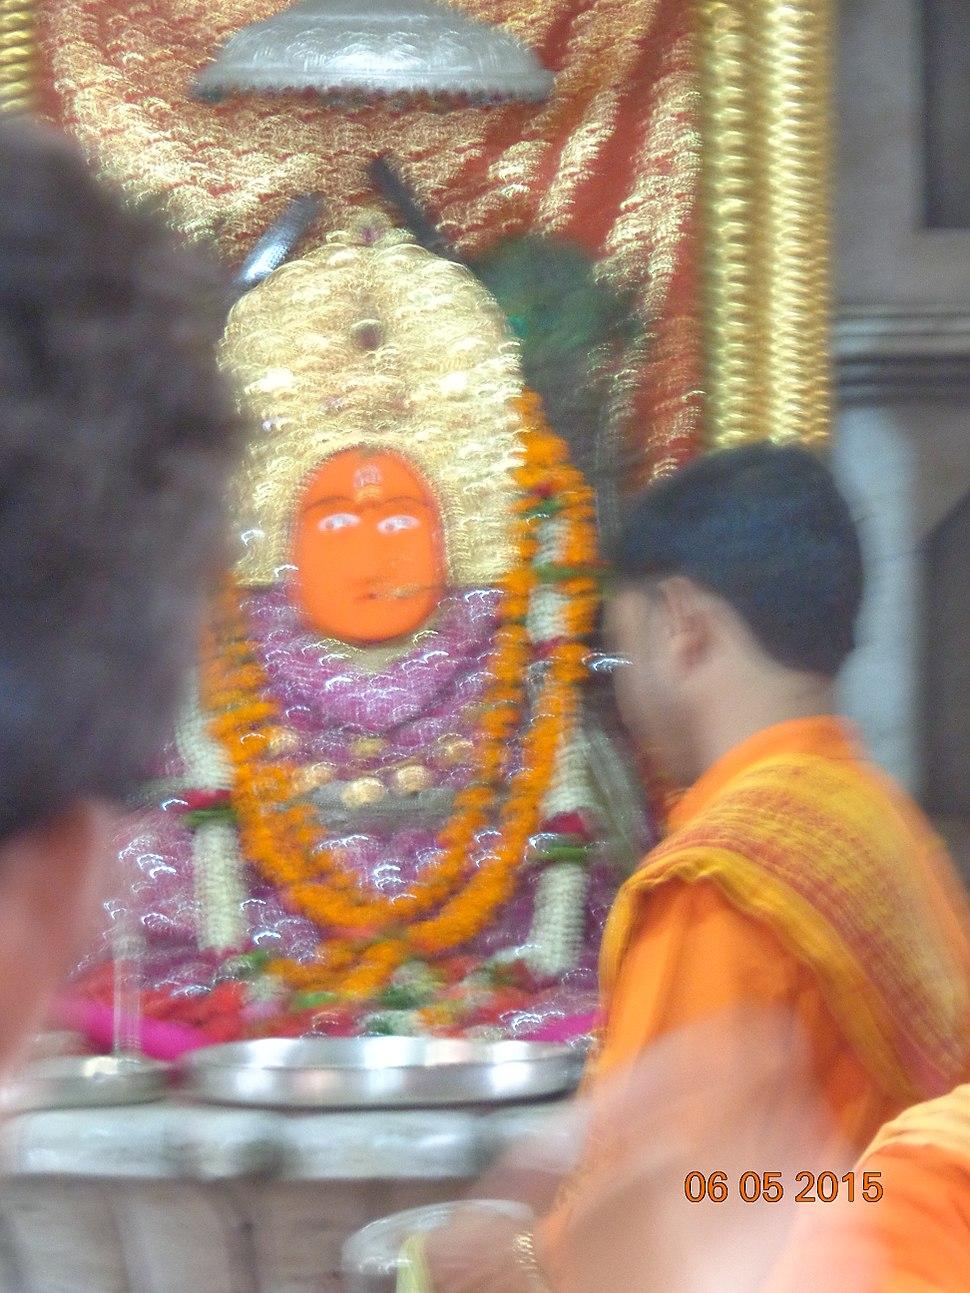 Devi bimbleswari